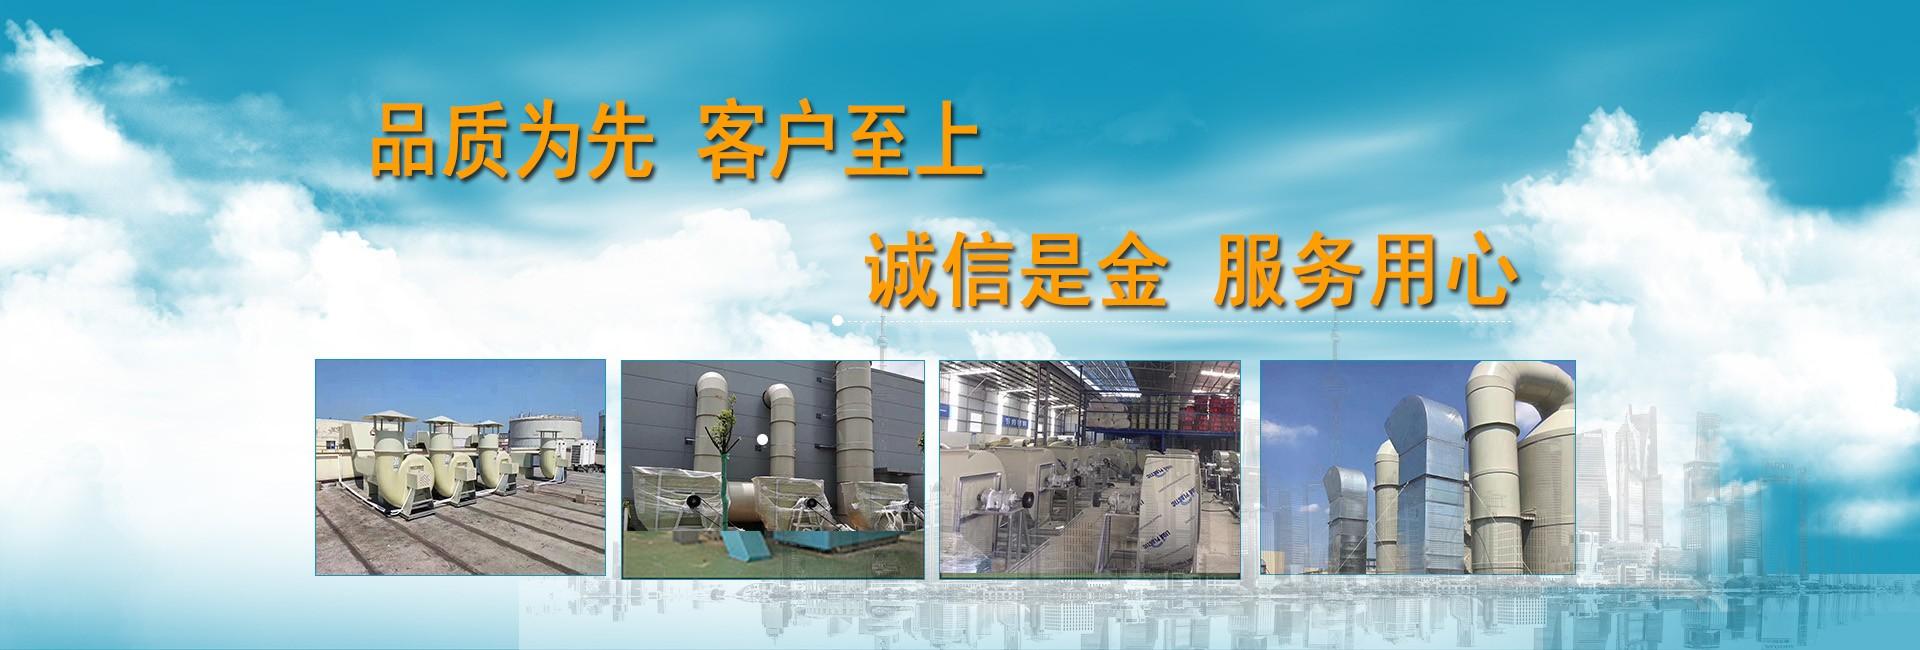 广东肇科通风设备有限公司